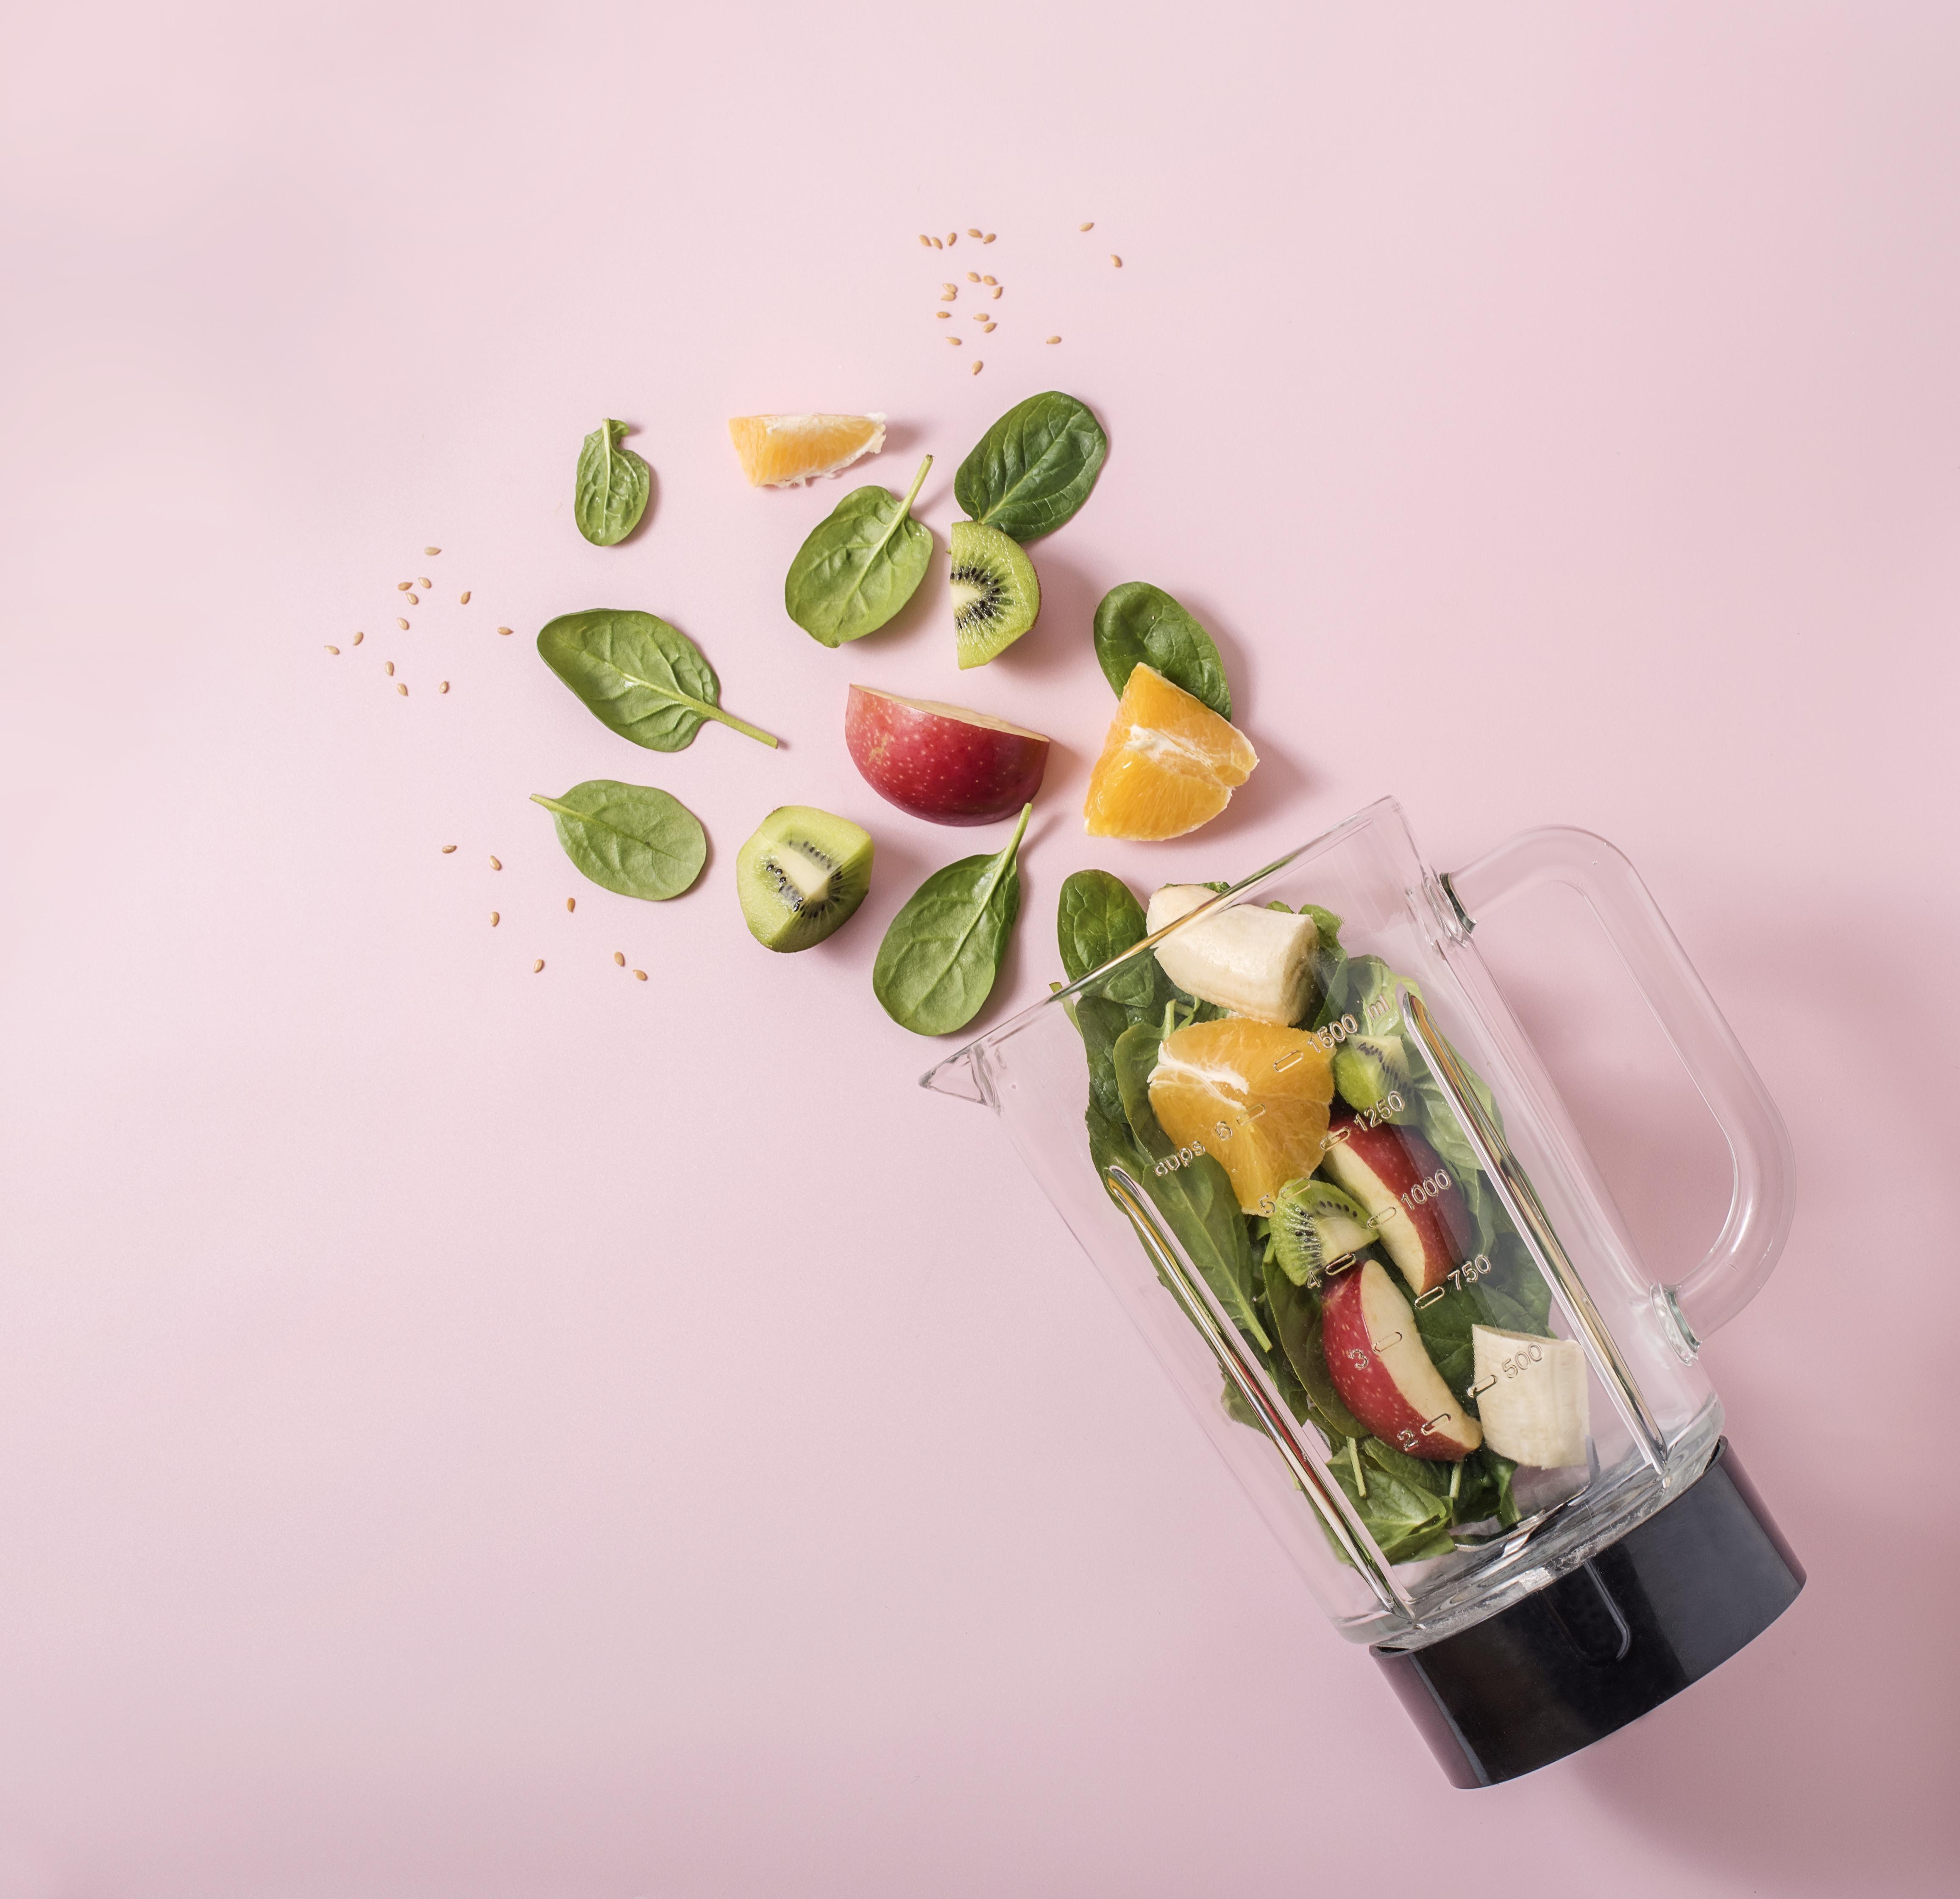 Przepis na smoothie zdrowe i pożywne